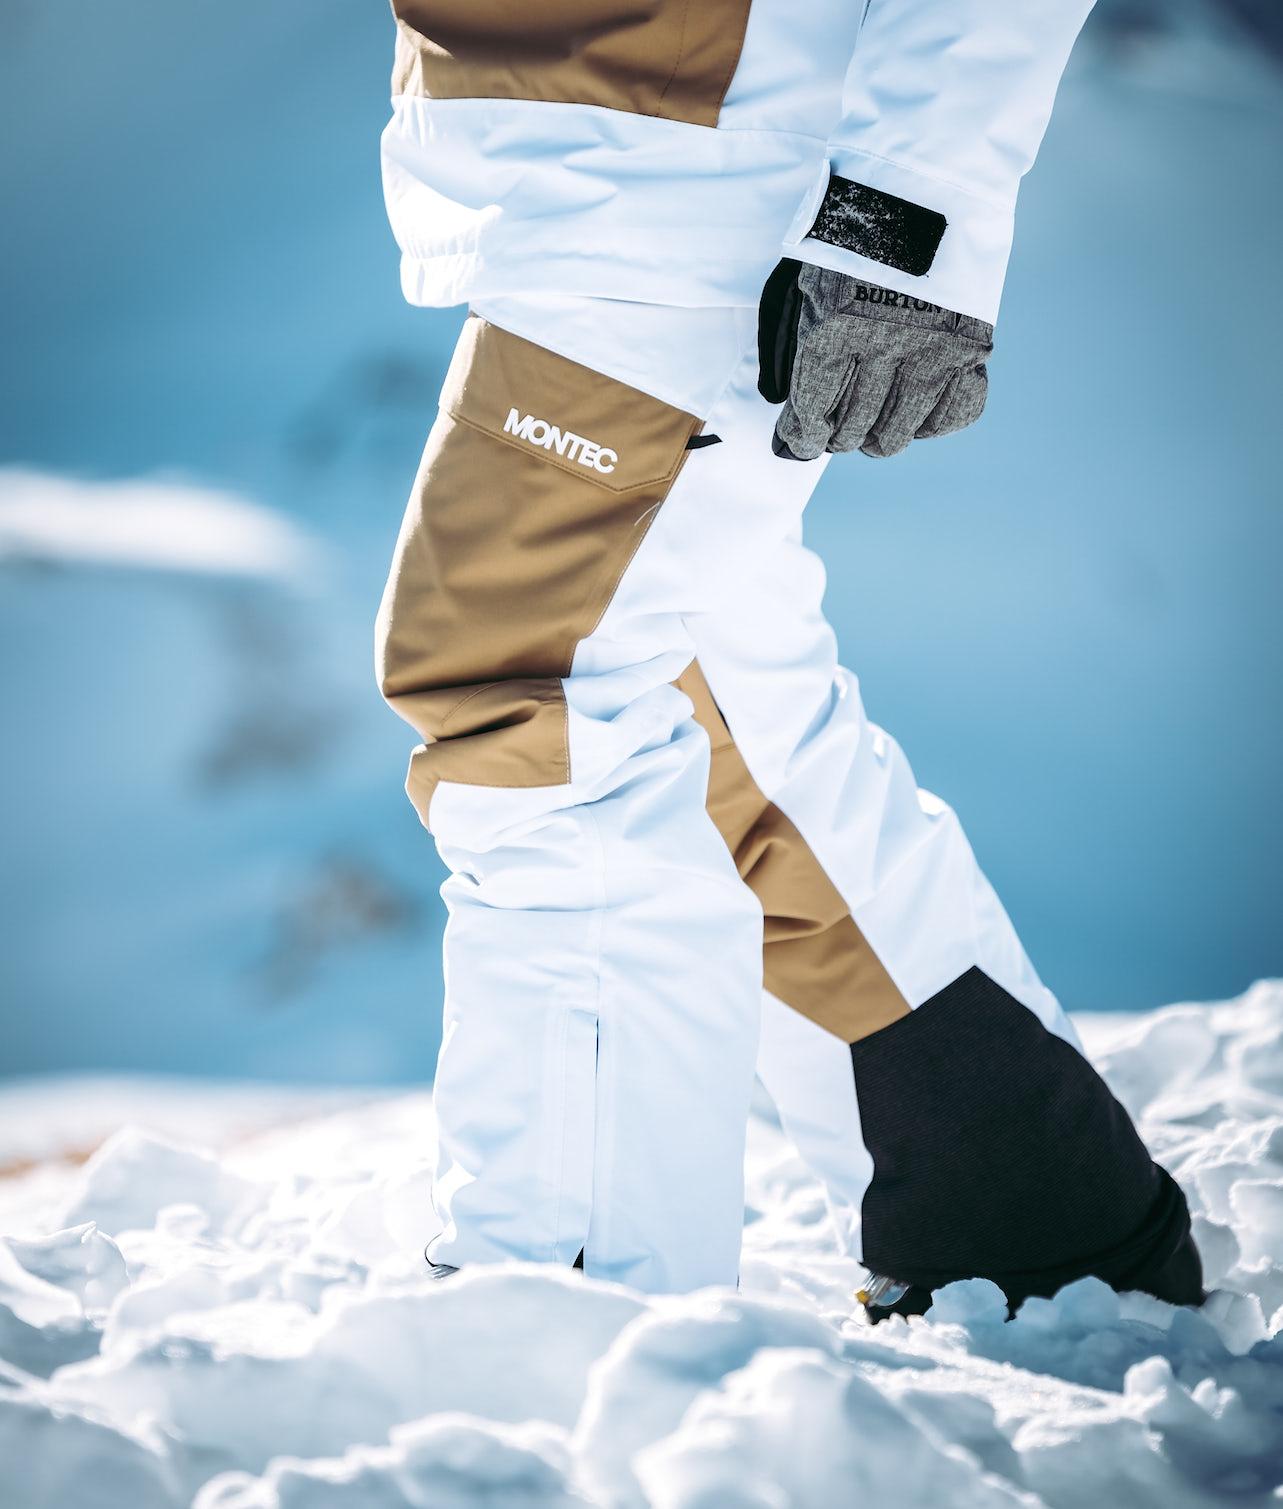 Köp Dune Snowboardbyxa från Montec på Ridestore.se Hos oss har du alltid fri frakt, fri retur och 30 dagar öppet köp!